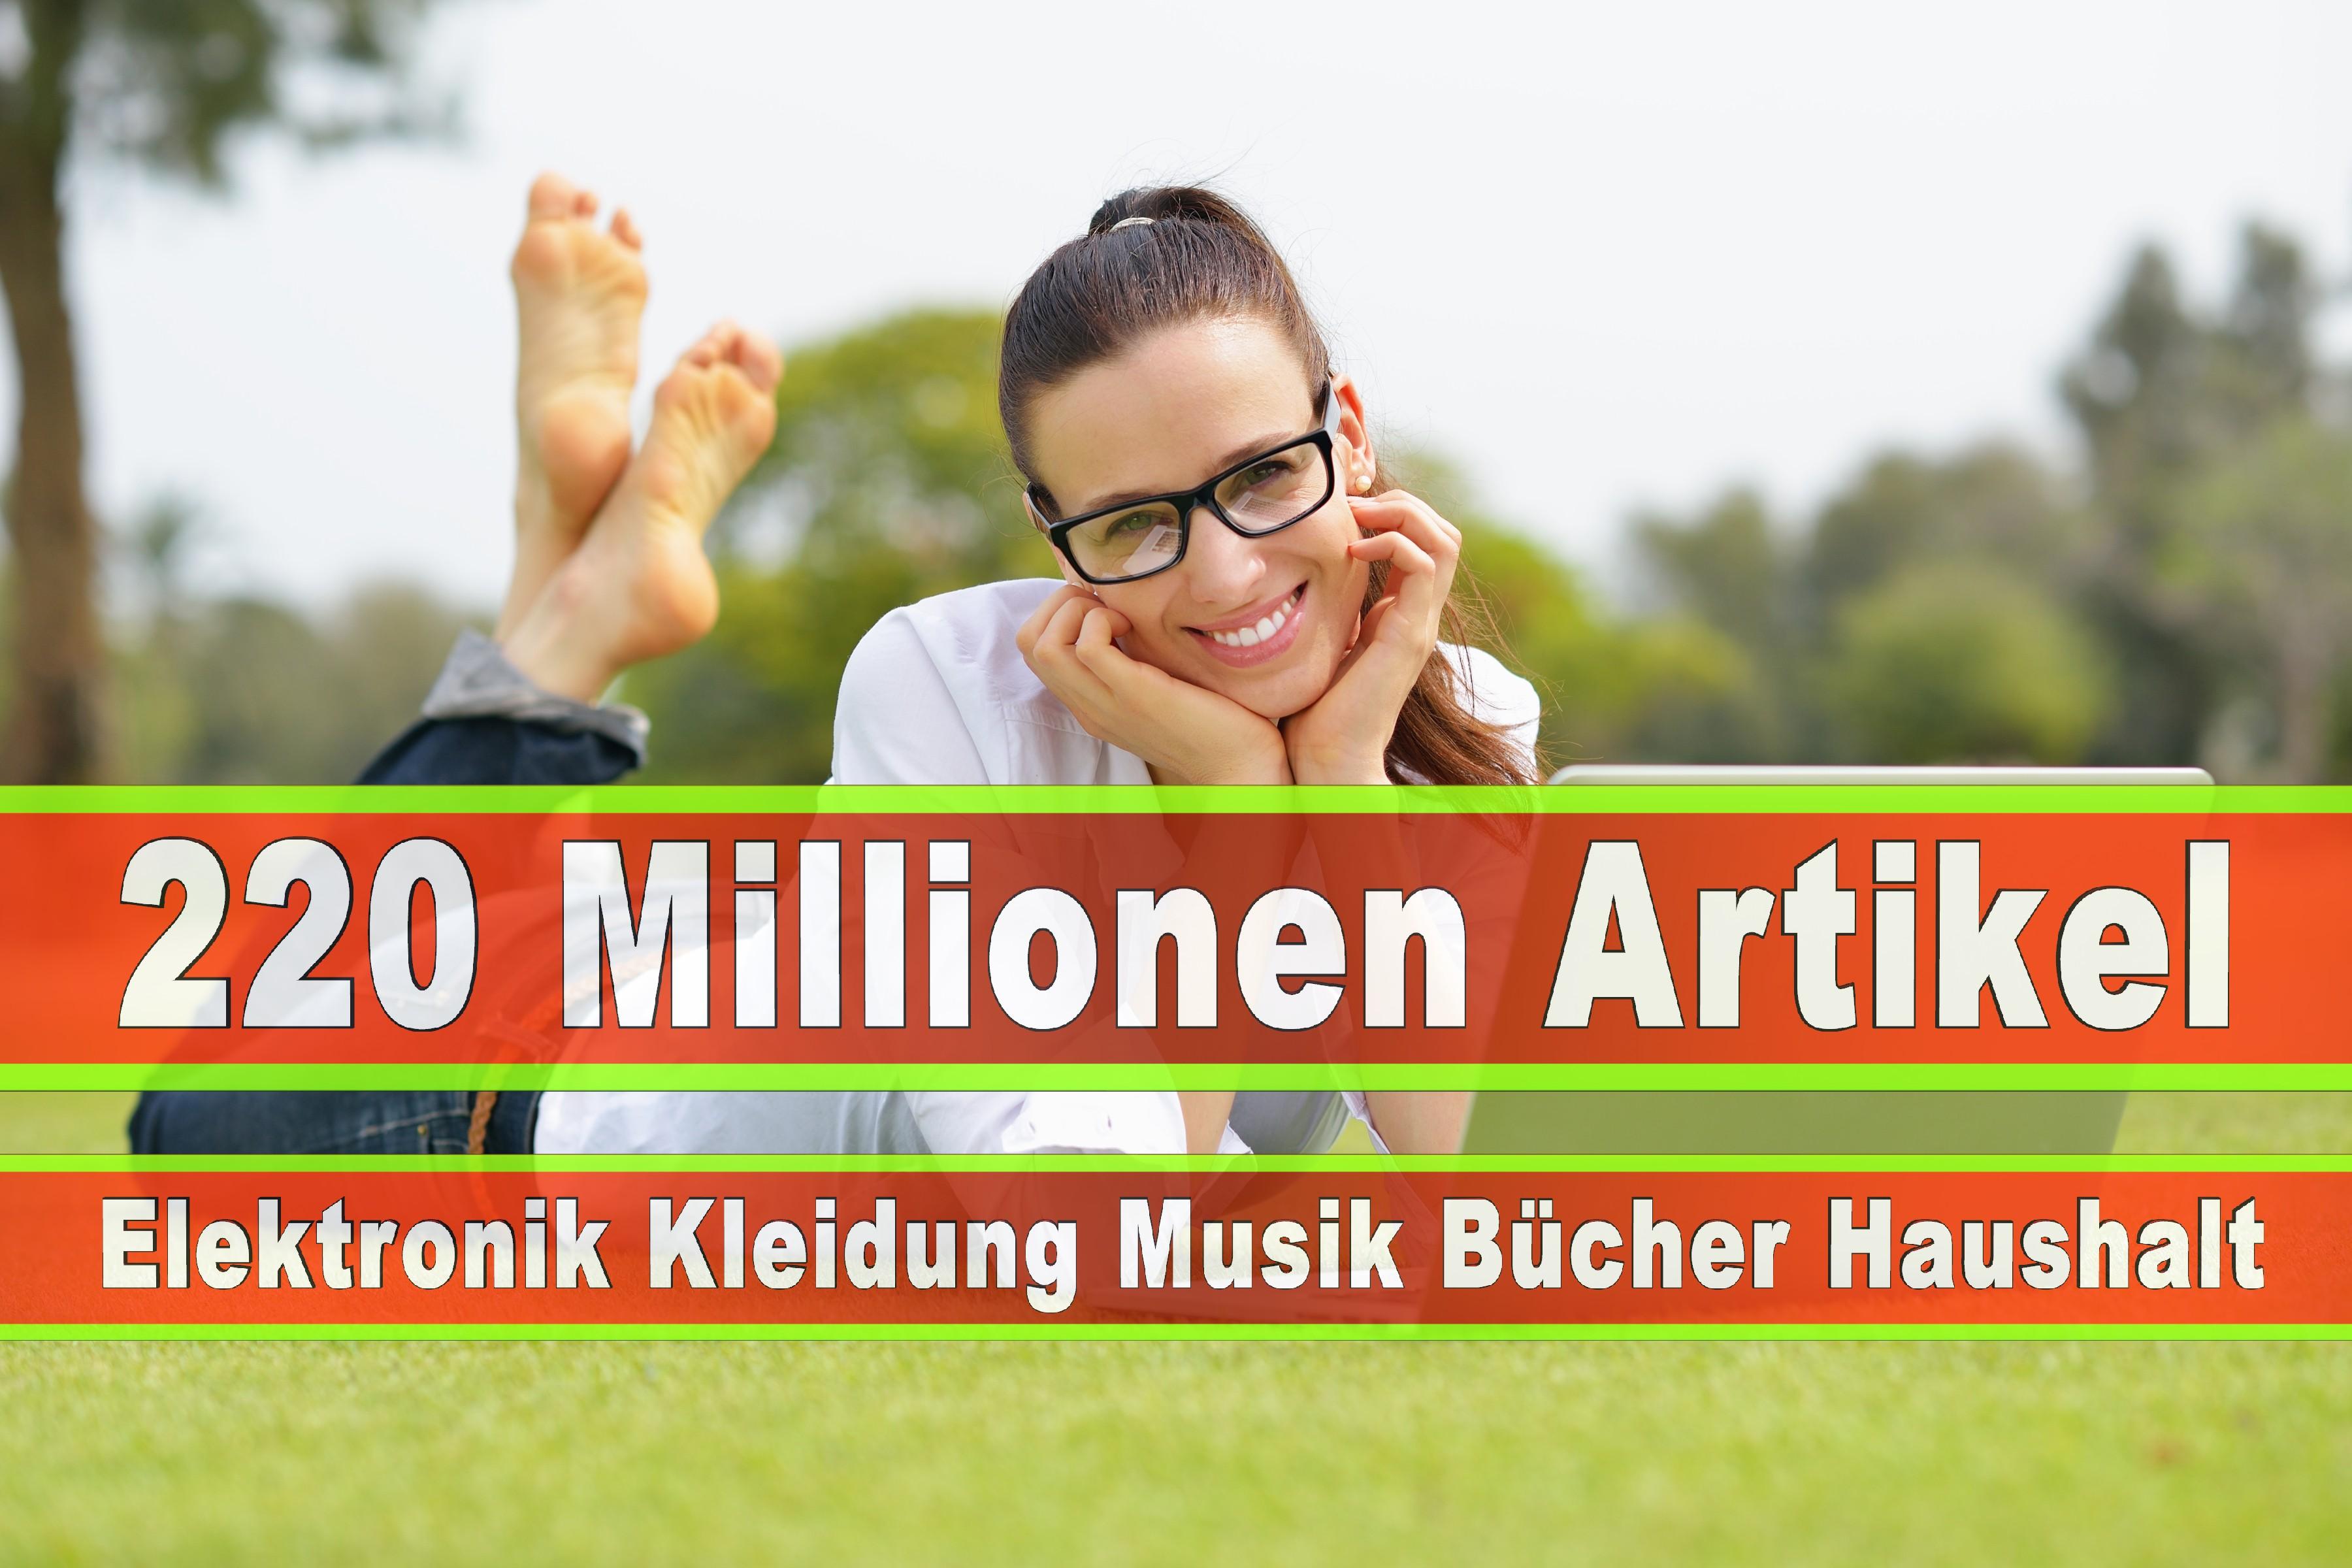 Amazon Elektronik Musik Haushalt Bücher CD DVD Handys Smartphones TV Television Fernseher Kleidung Mode Ebay Versandhaus (6)